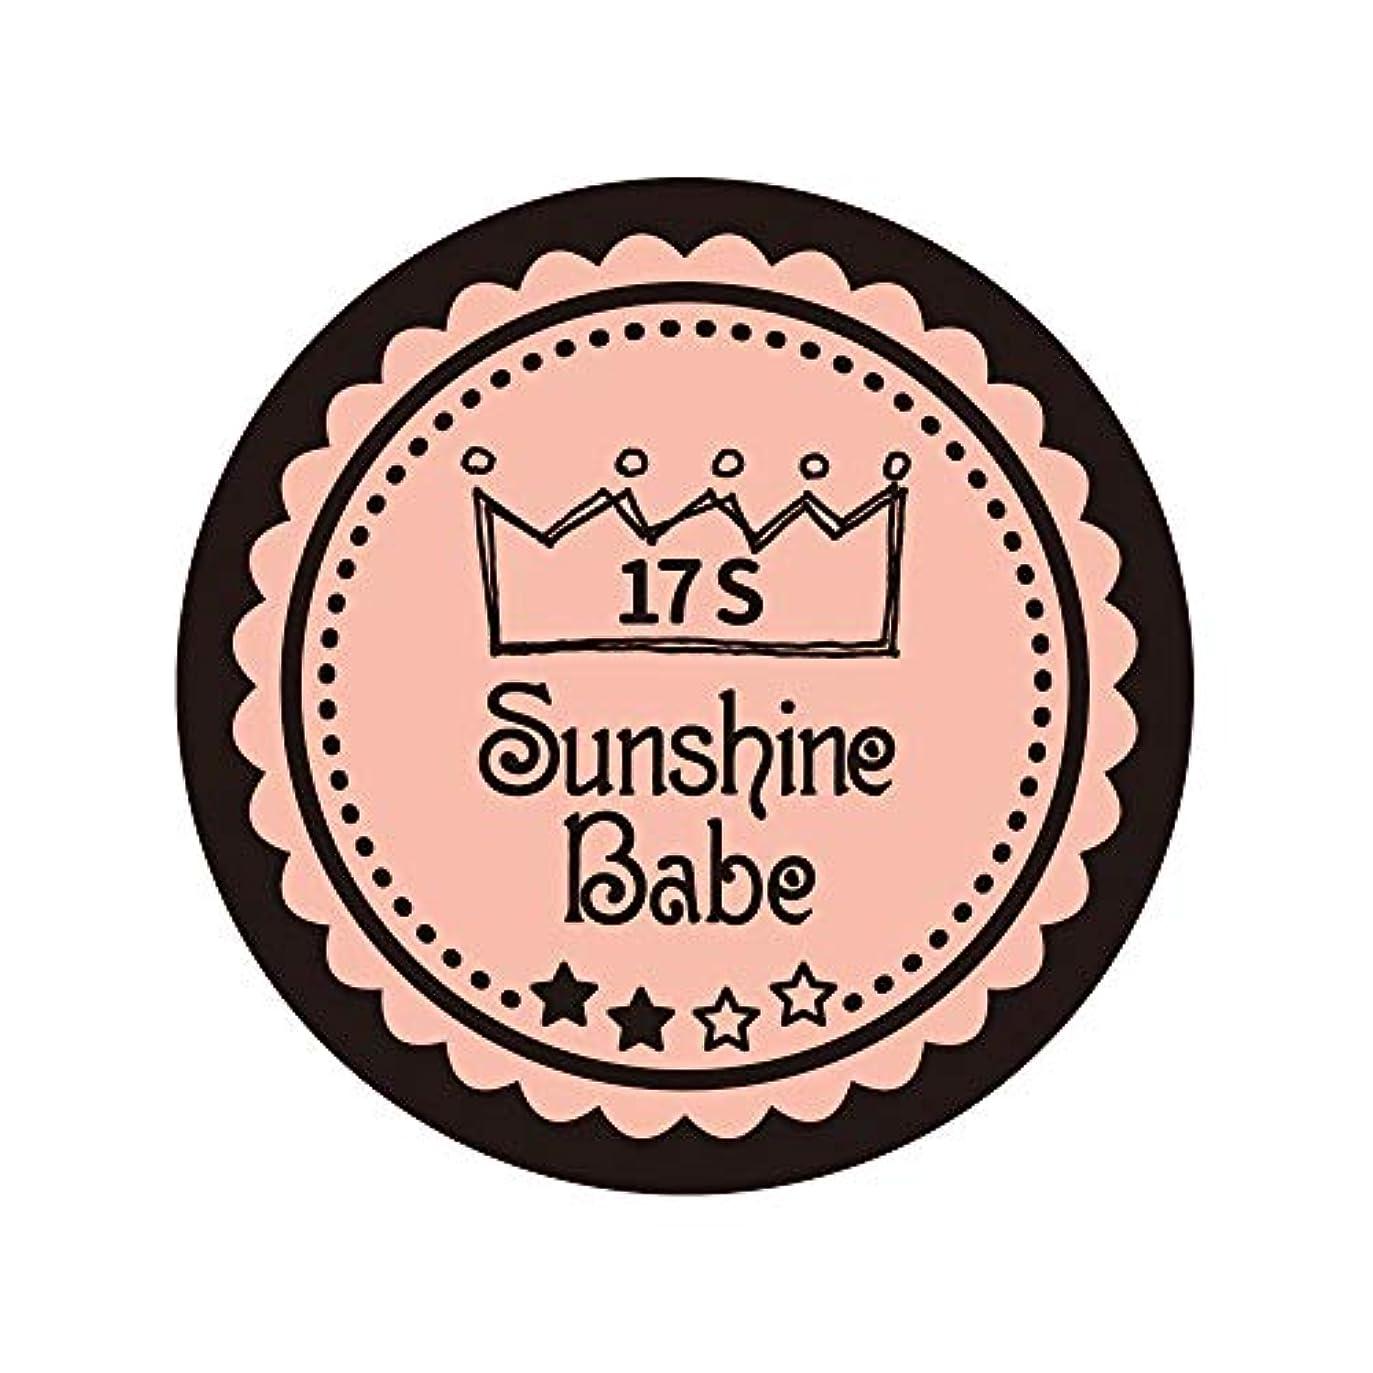 実行するその間毎回Sunshine Babe カラージェル 17S ヌーディローズ 2.7g UV/LED対応